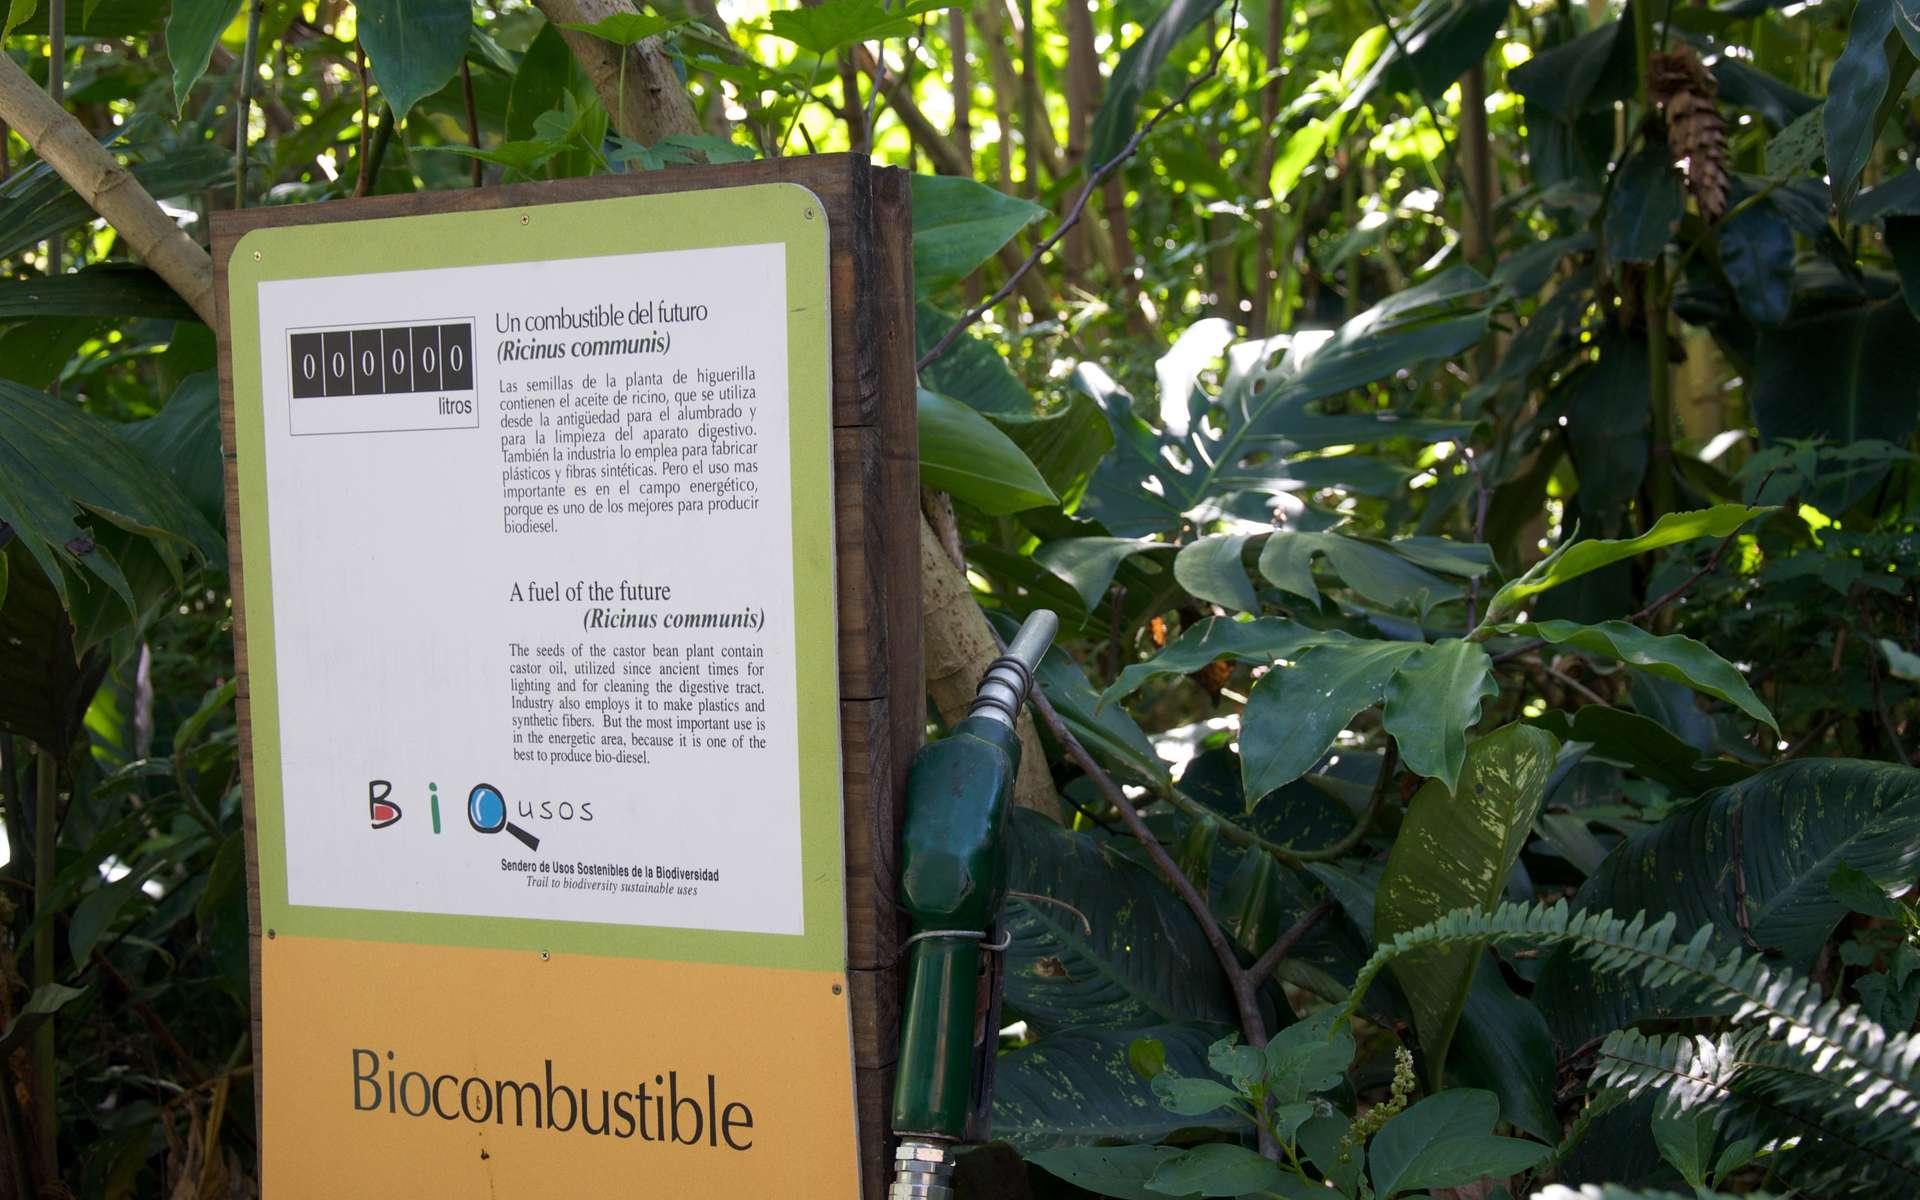 Le biocarburant E10 est l'une des solutions pour mieux respecter la nature. © Sam Beebe, cc by 2.0